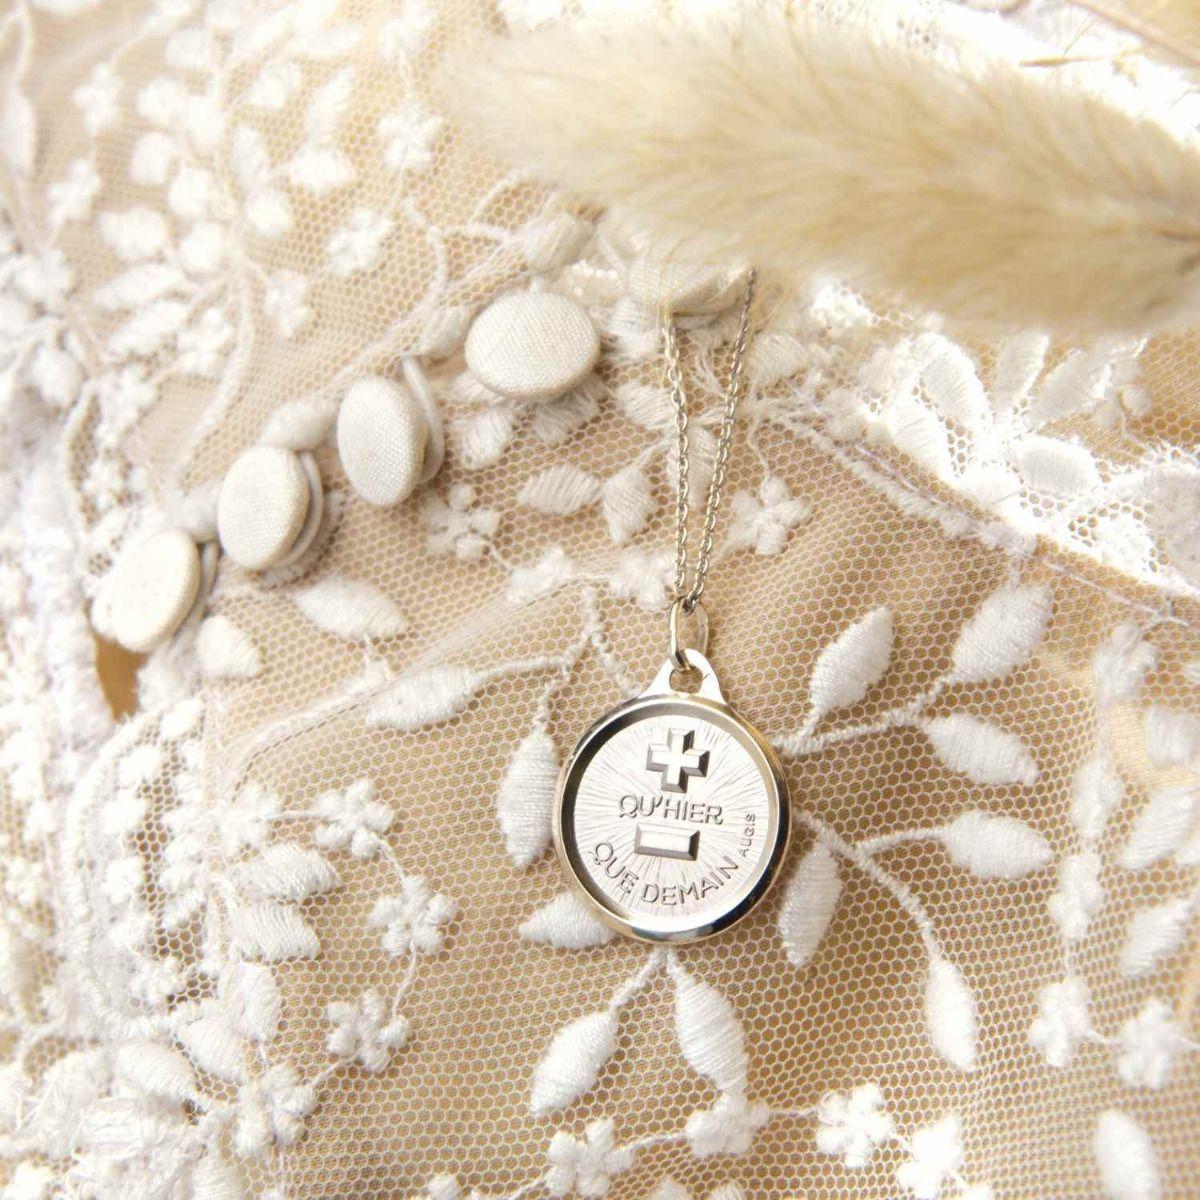 La Médaille d'Amour L'Originale Or Blanc 18 carats - 18 mm